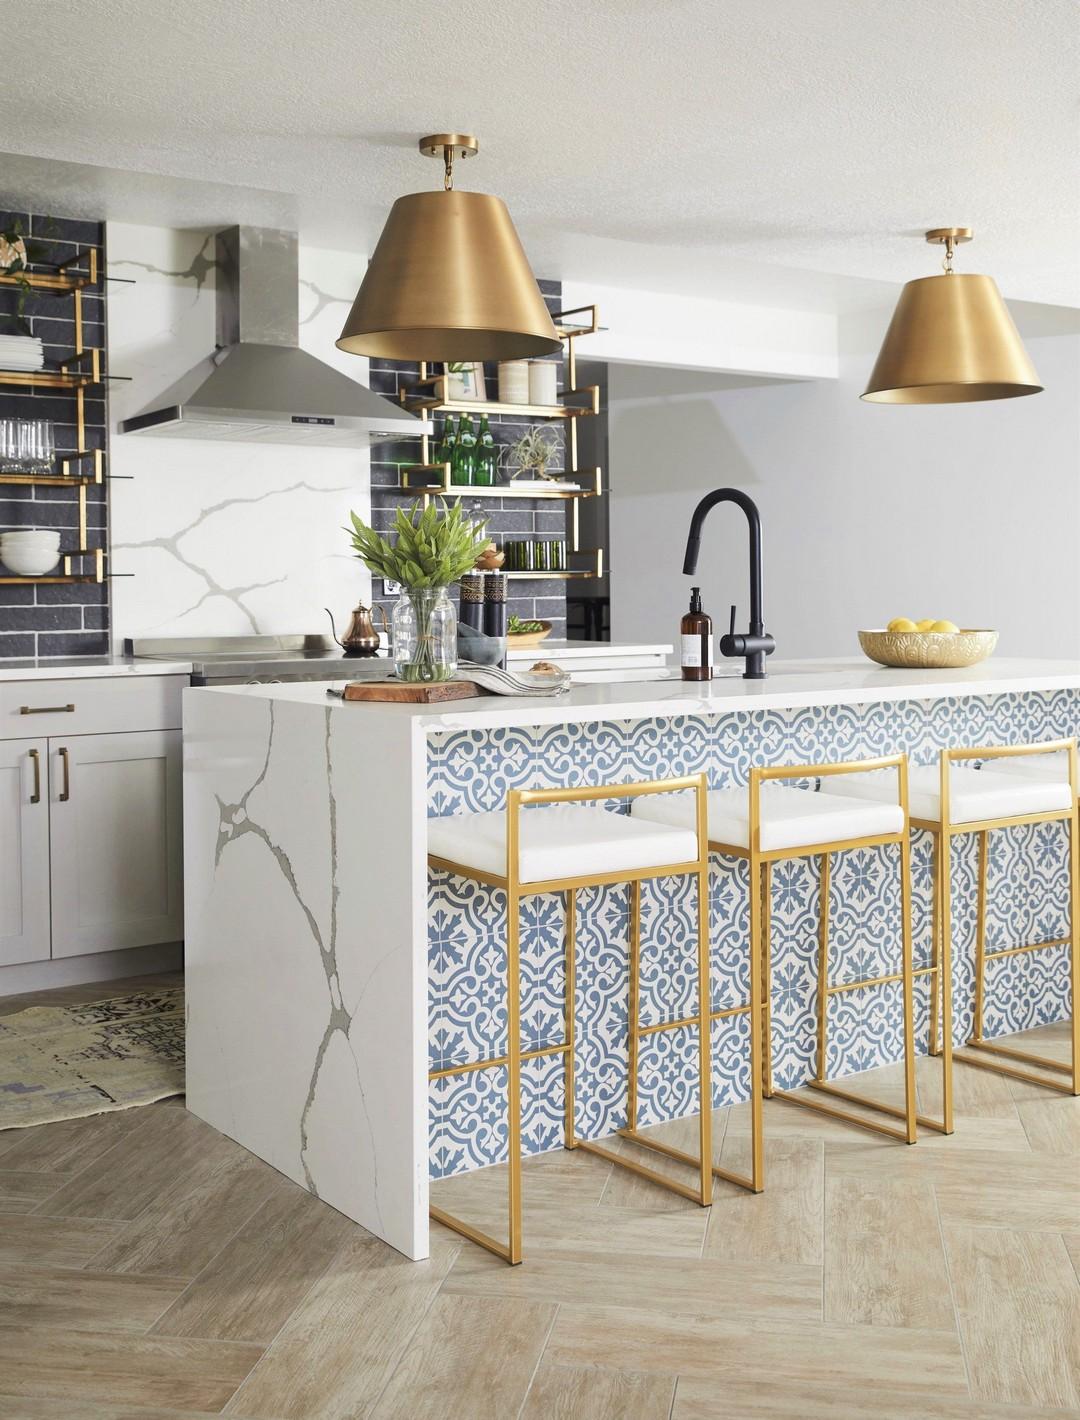 10 Stunning Mediterranean Kitchen Designs That Ll Inspire You